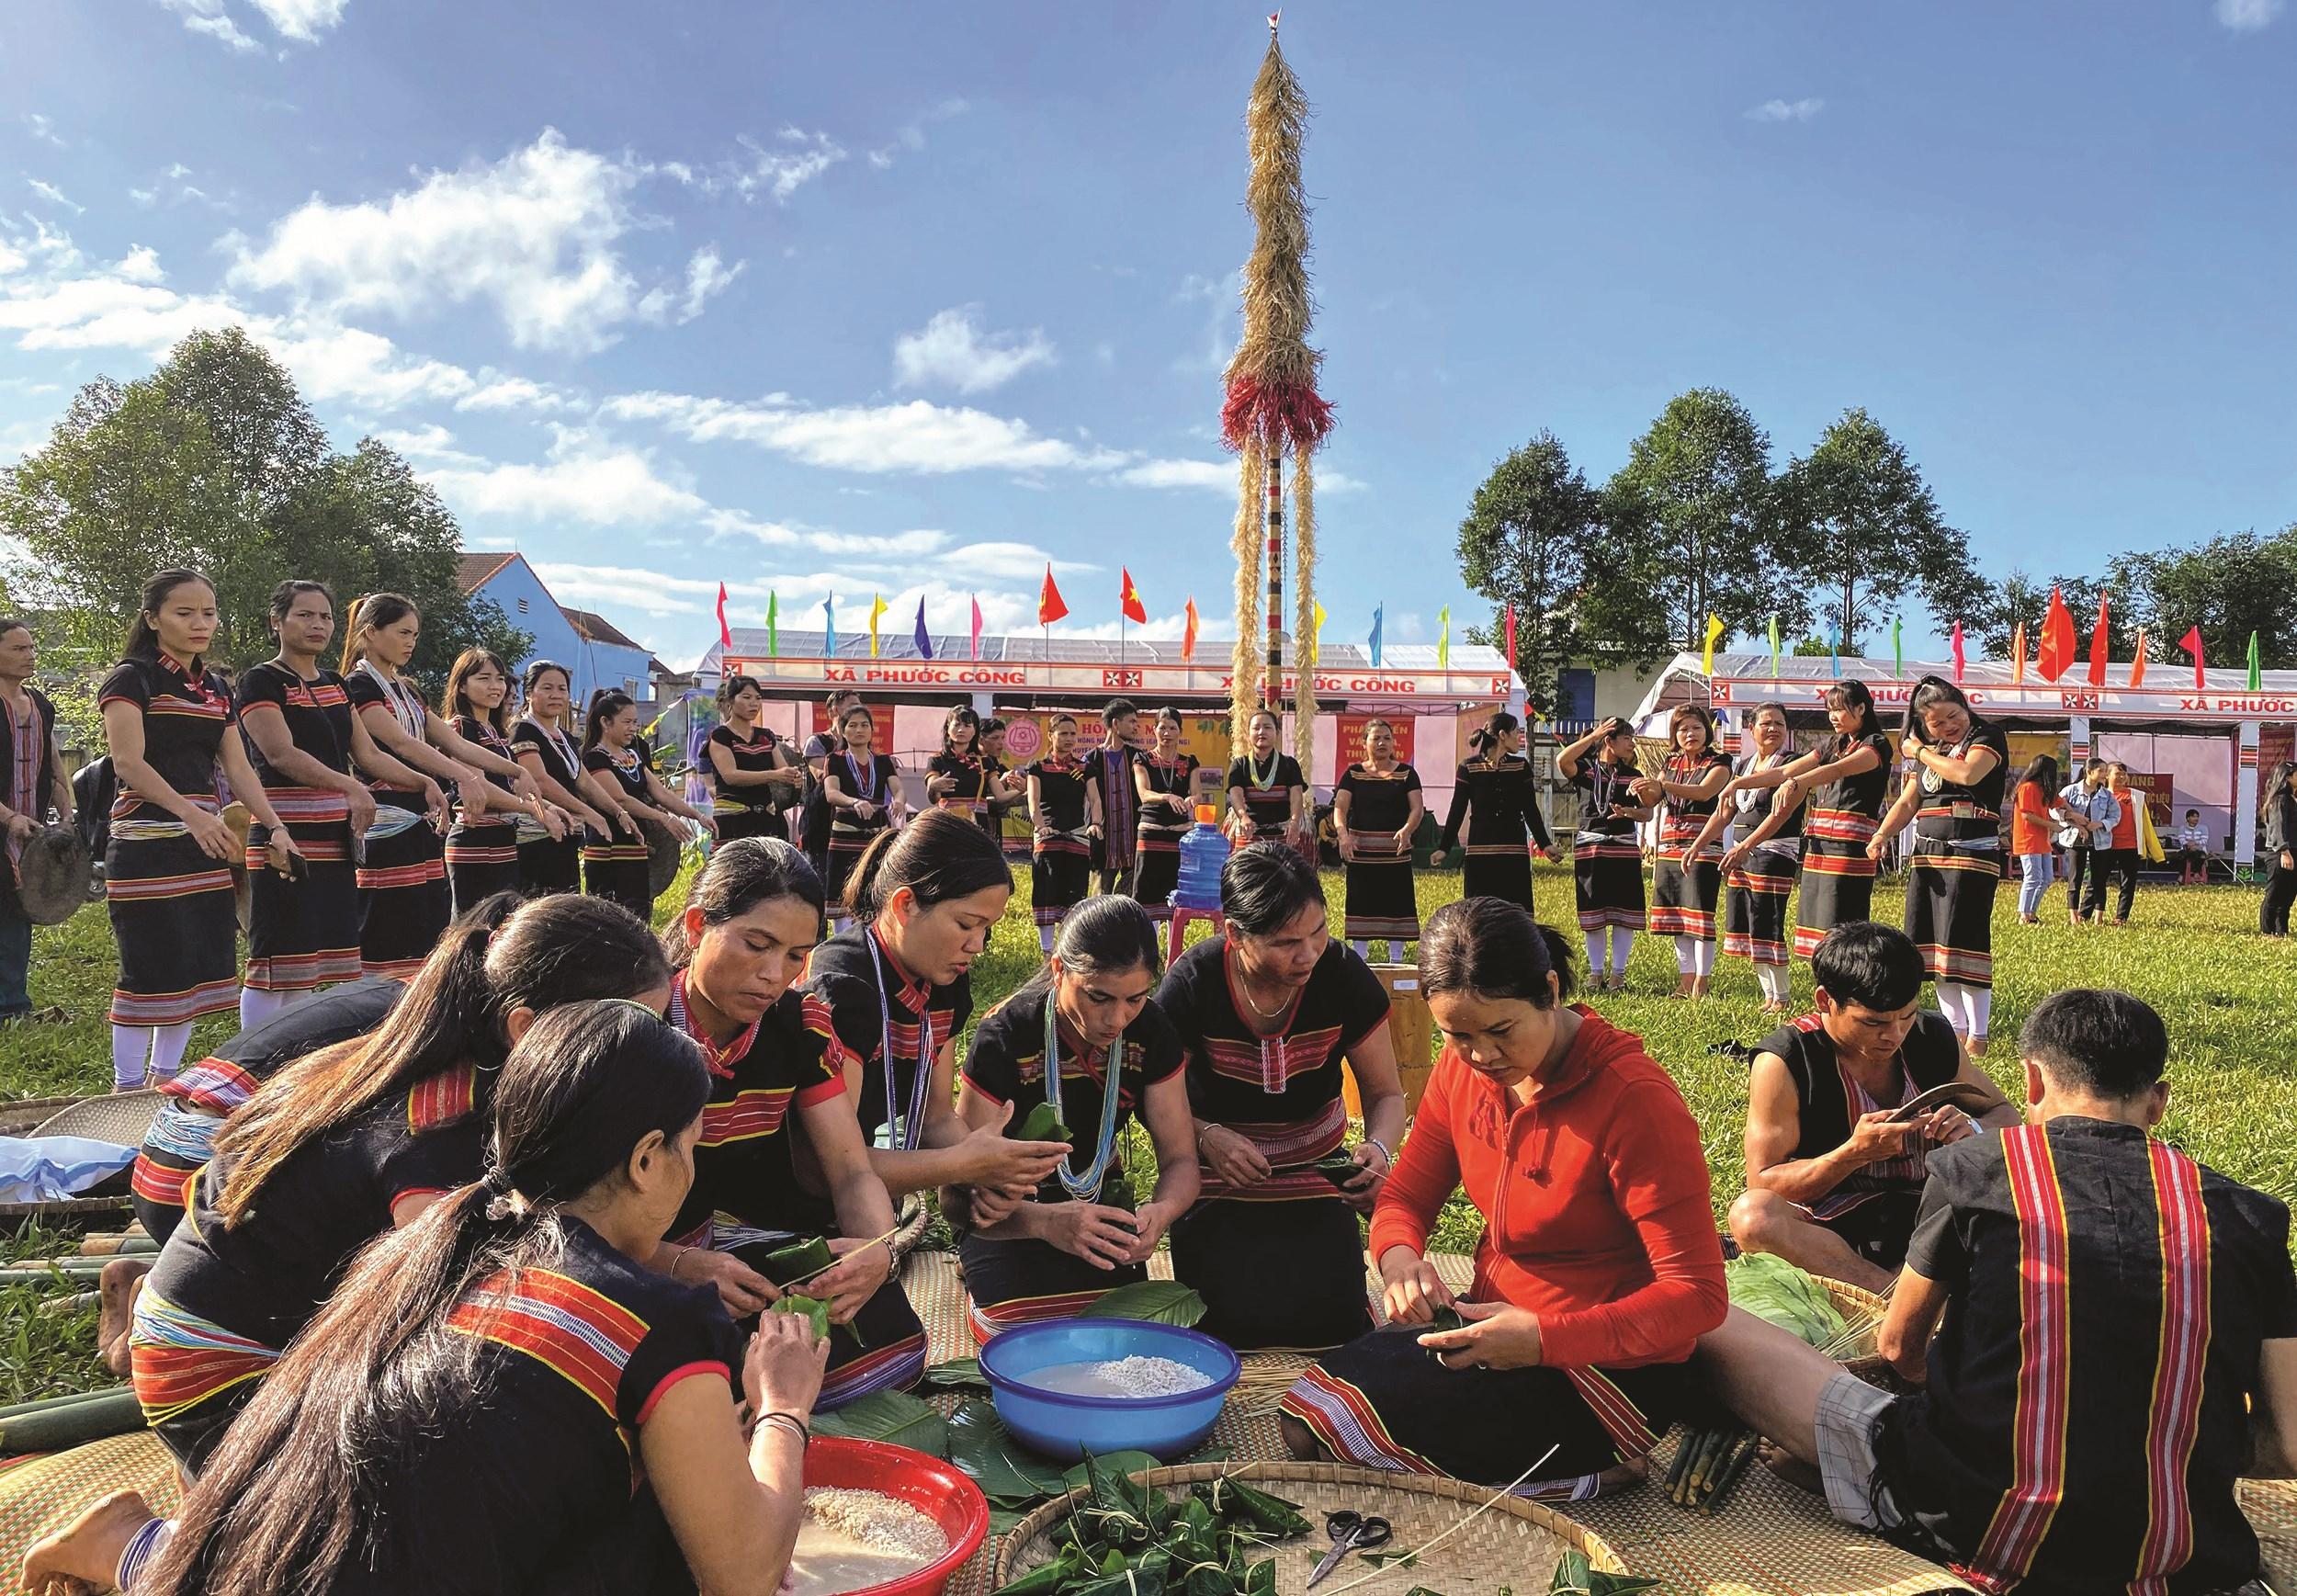 Đời sống văn hóa của đồng bào DTTS và miền núi ngày càng phát triển. (Trong ảnh: Phụ nữ DTTS gói bánh chưng trong Lễ hội Tết mùa ở huyện Phước Sơn, tỉnh Quảng Nam) Ảnh: Tấn Sỹ